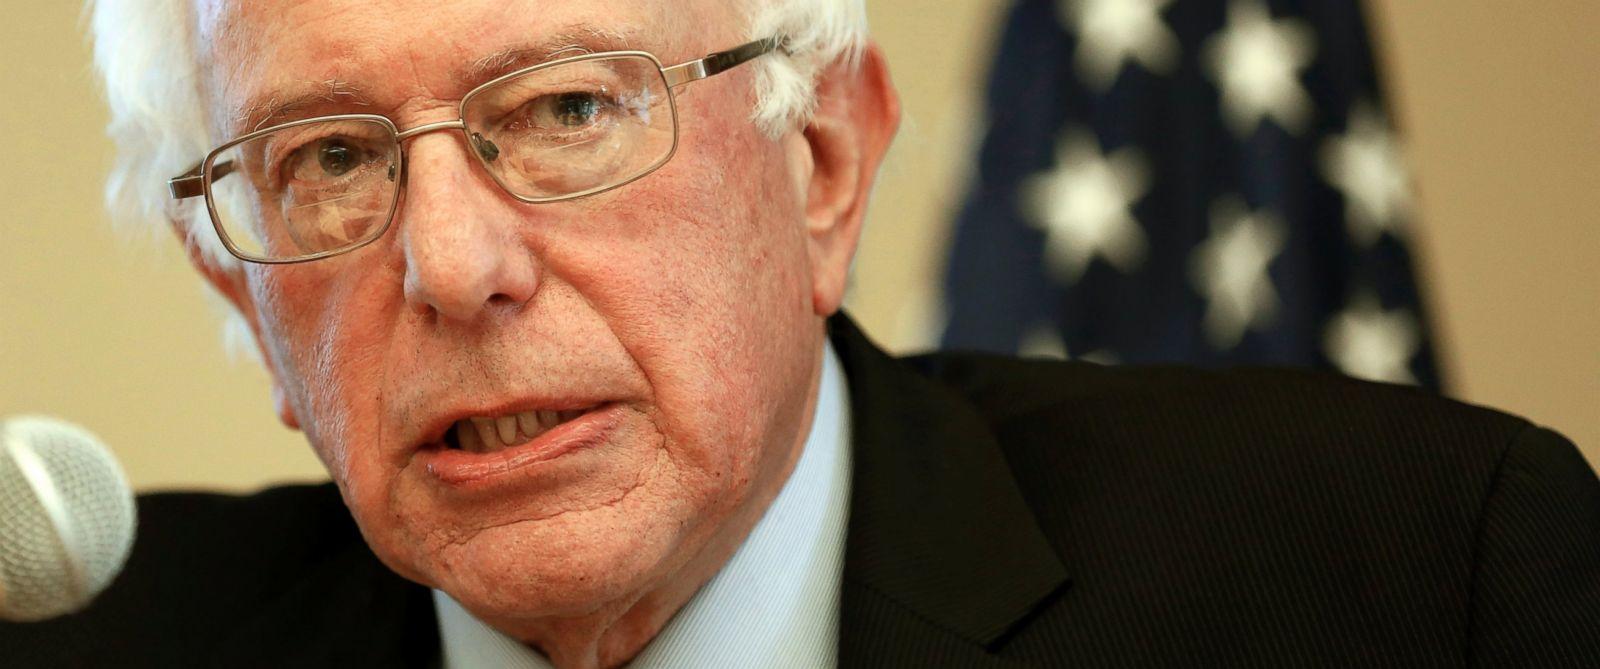 PHOTO: Democratic presidential candidate Sen. Bernie Sanders speaks in Manchester, N.H.